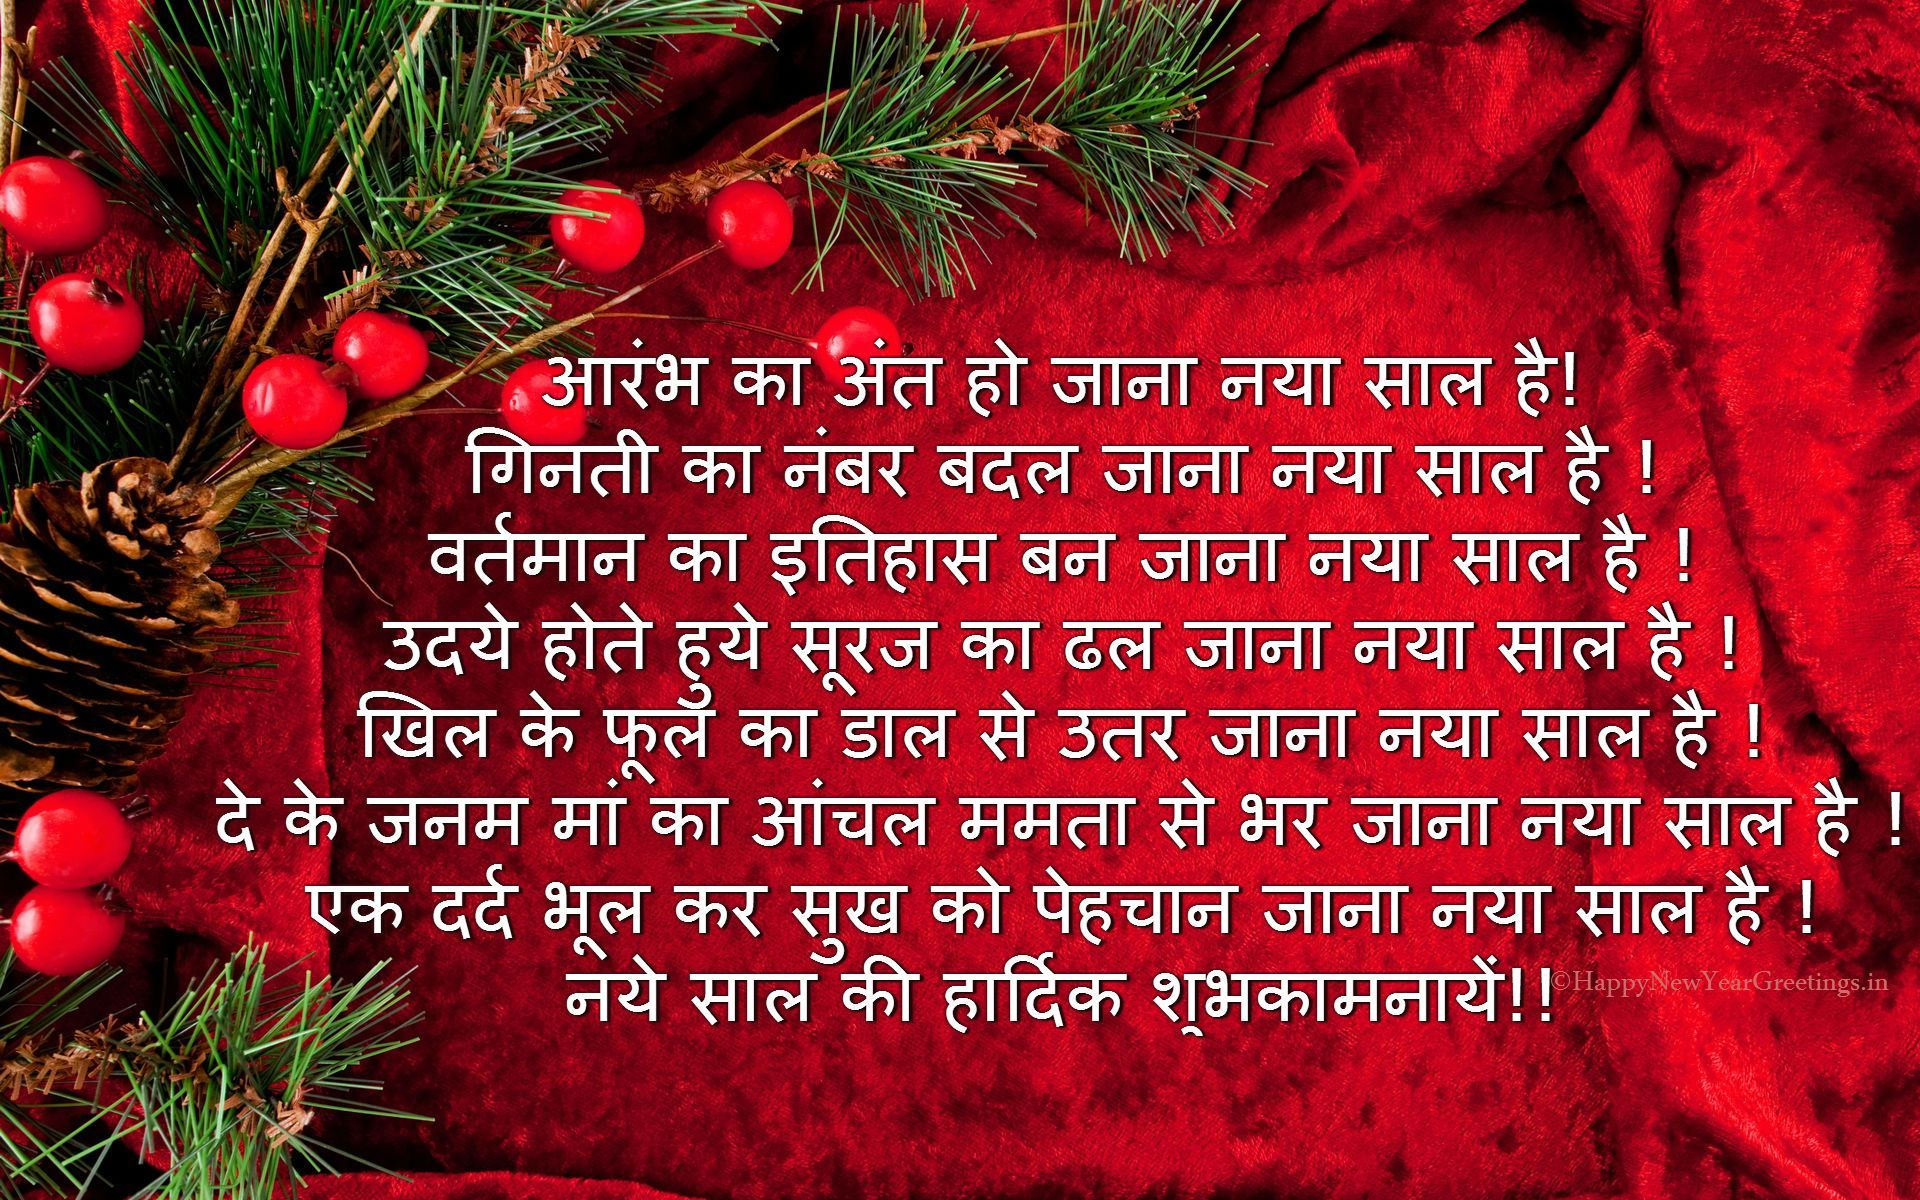 Happy New Year 2016 Shayari Happy new year quotes